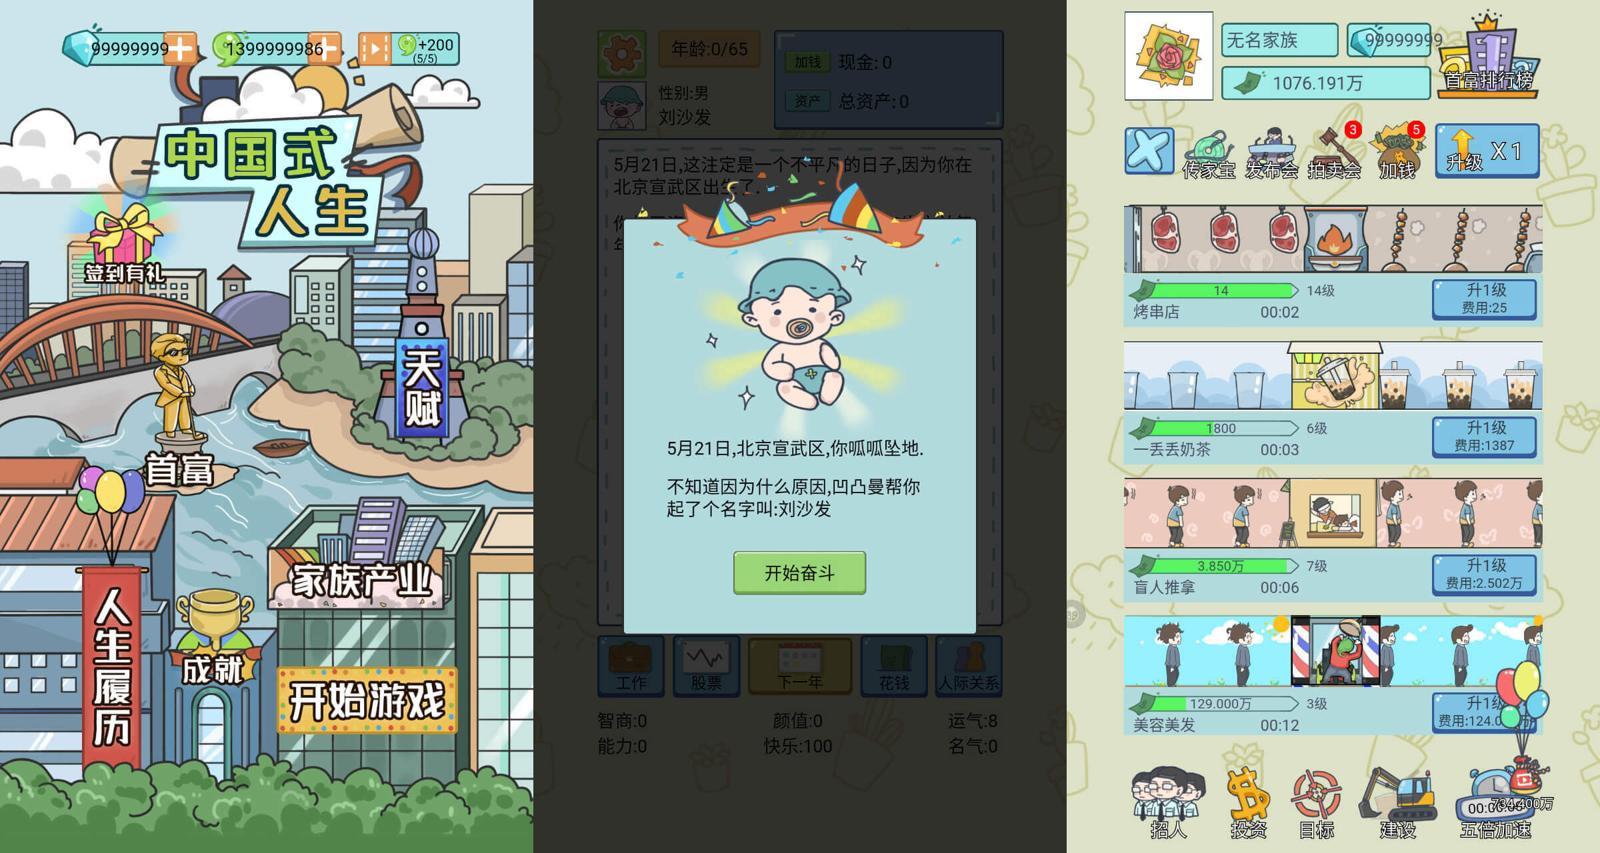 模拟类型游戏 中国式人生|安卓游戏